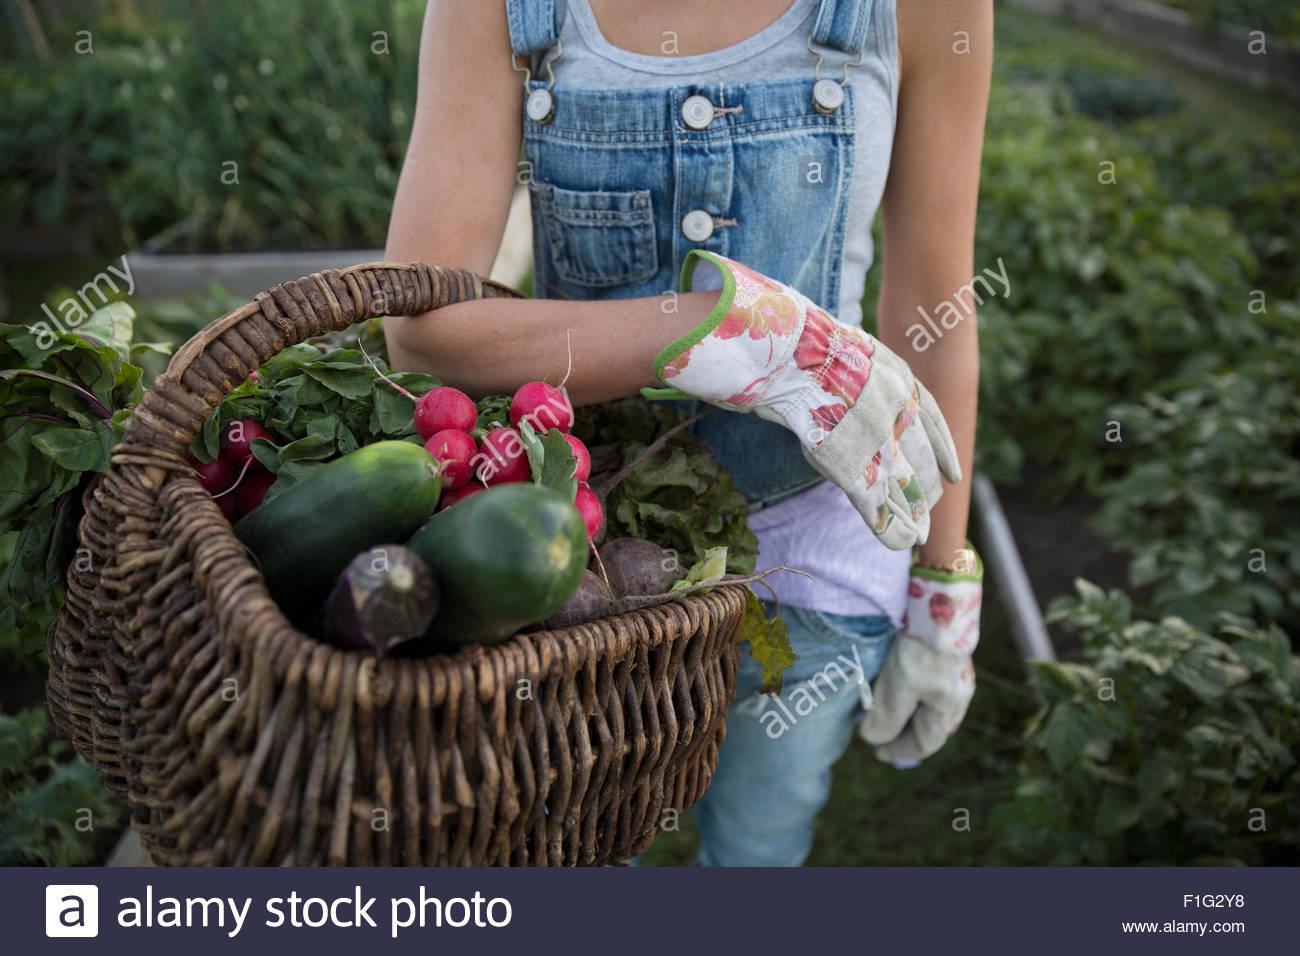 Cerrar mujer sosteniendo frescas hortalizas cosechadas cesta Imagen De Stock